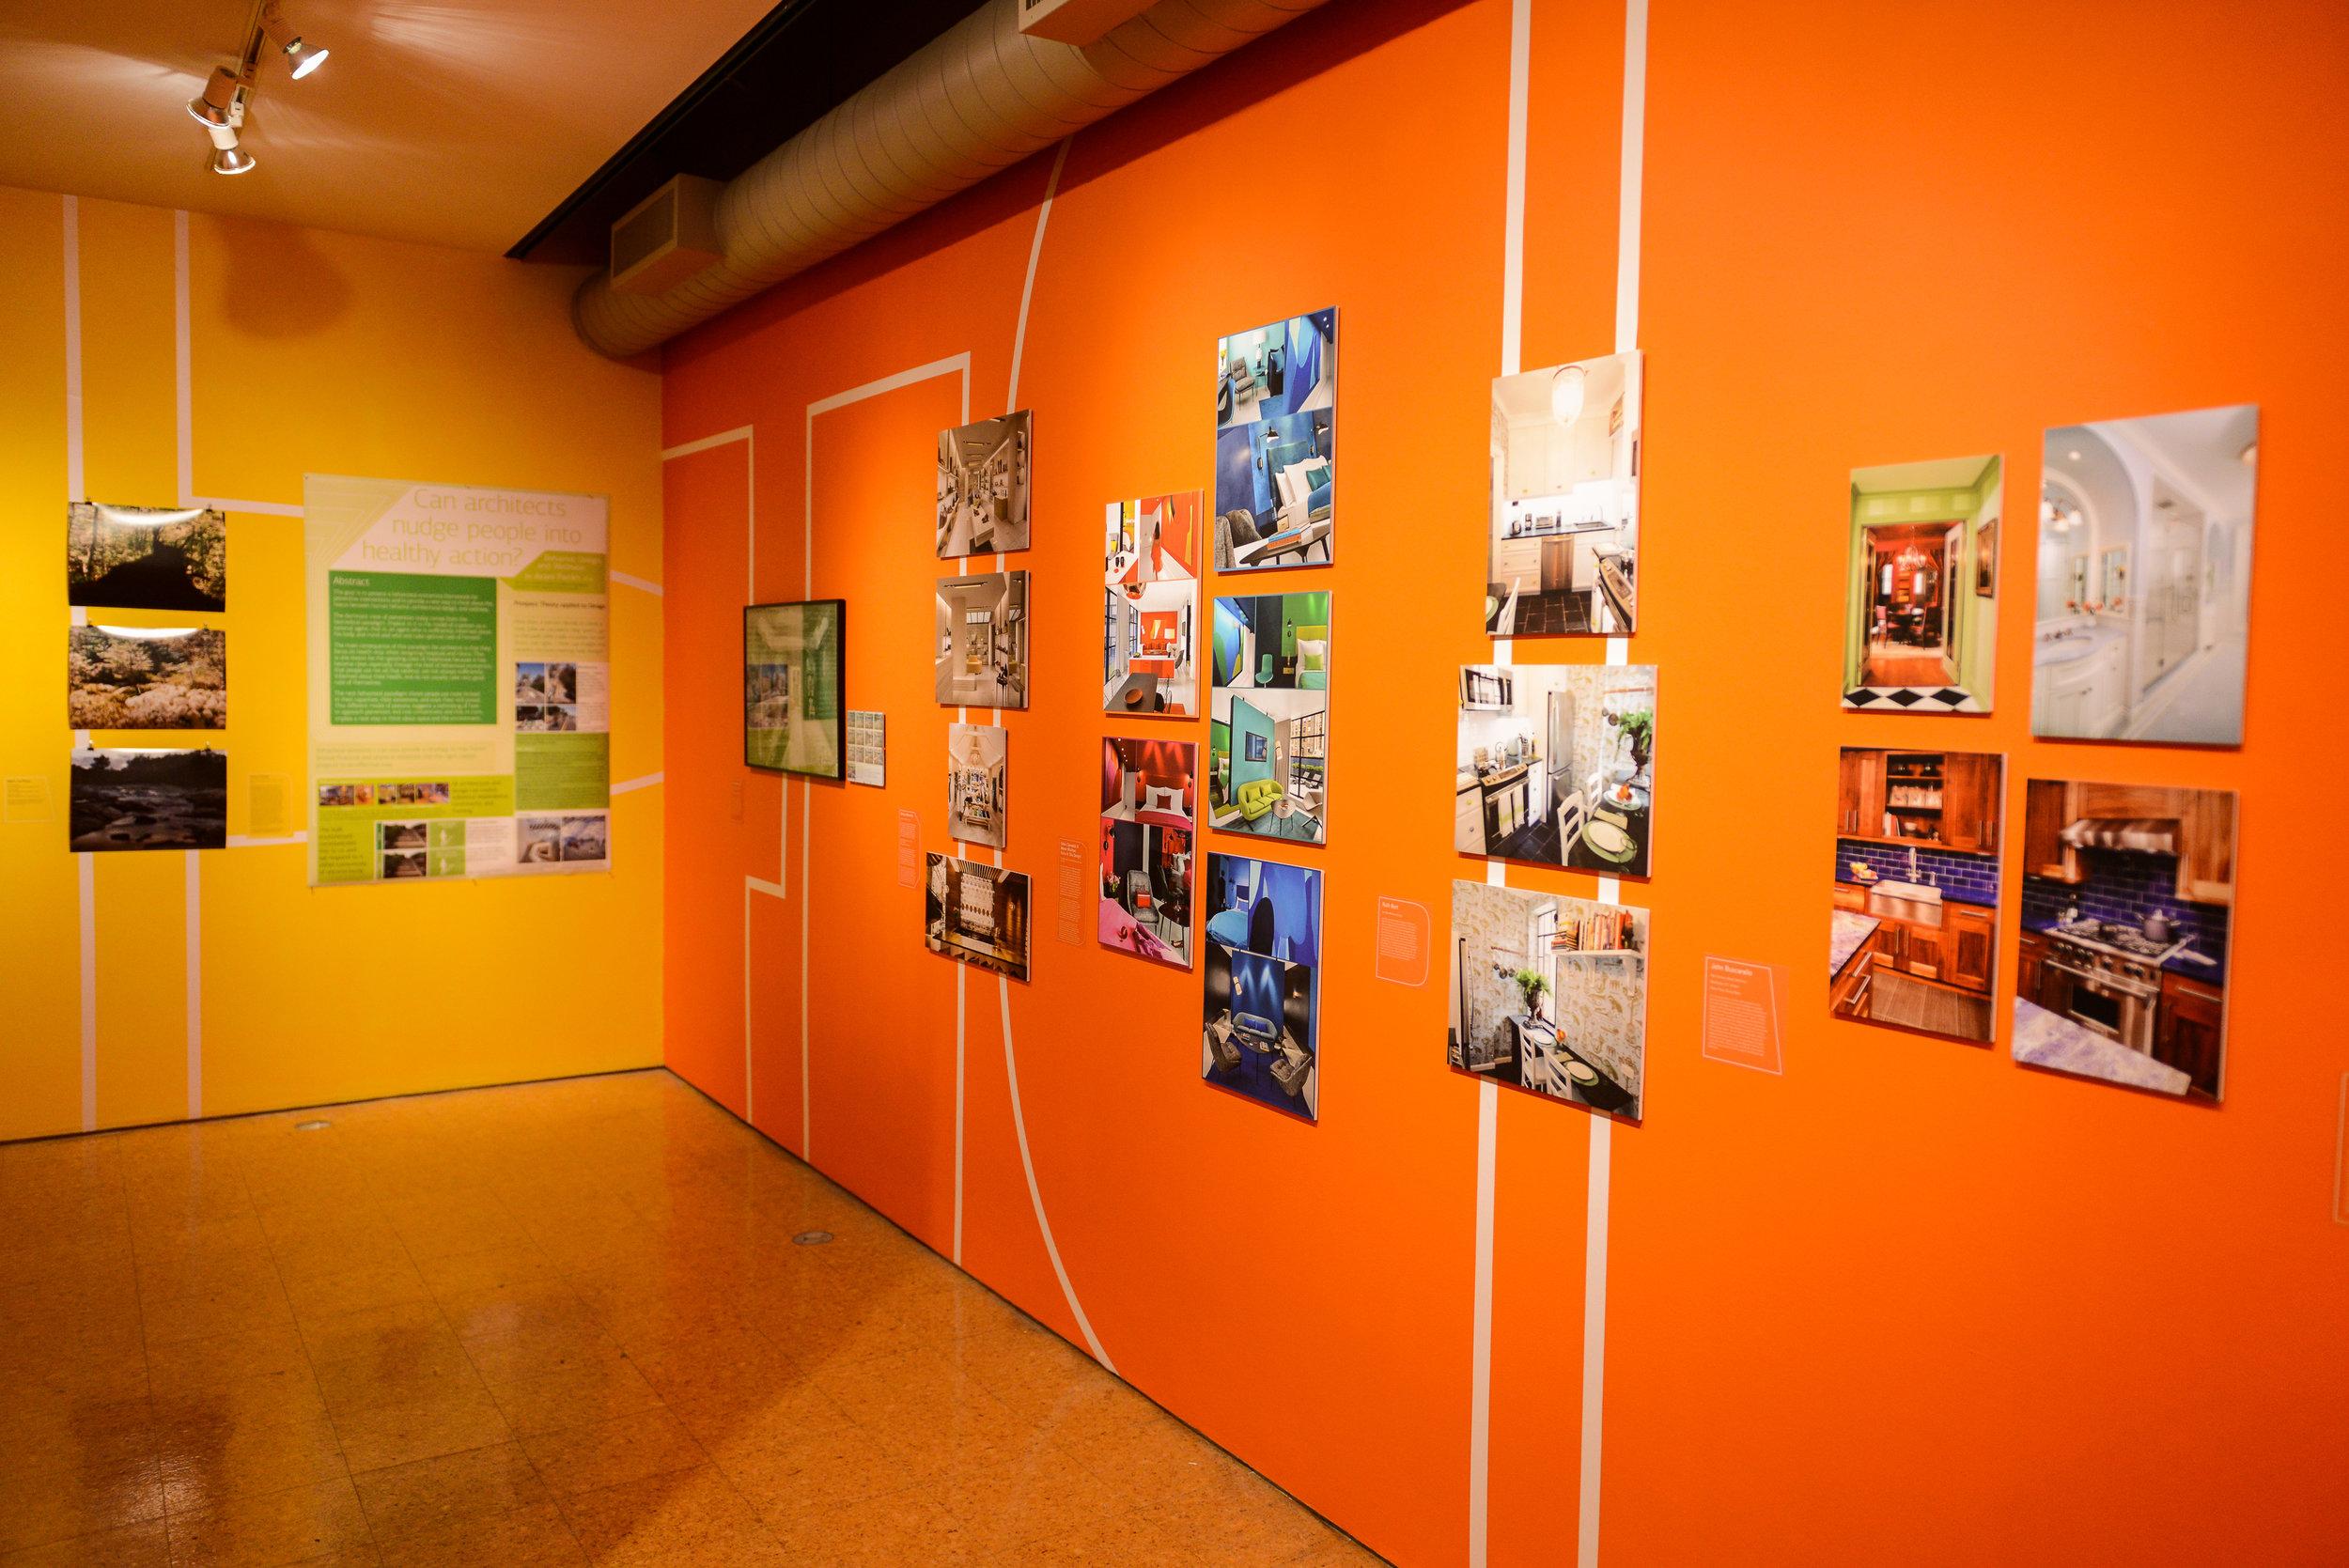 creative-scholarship-a-nysid-faculty-exhibition_36845160293_o[1].jpg